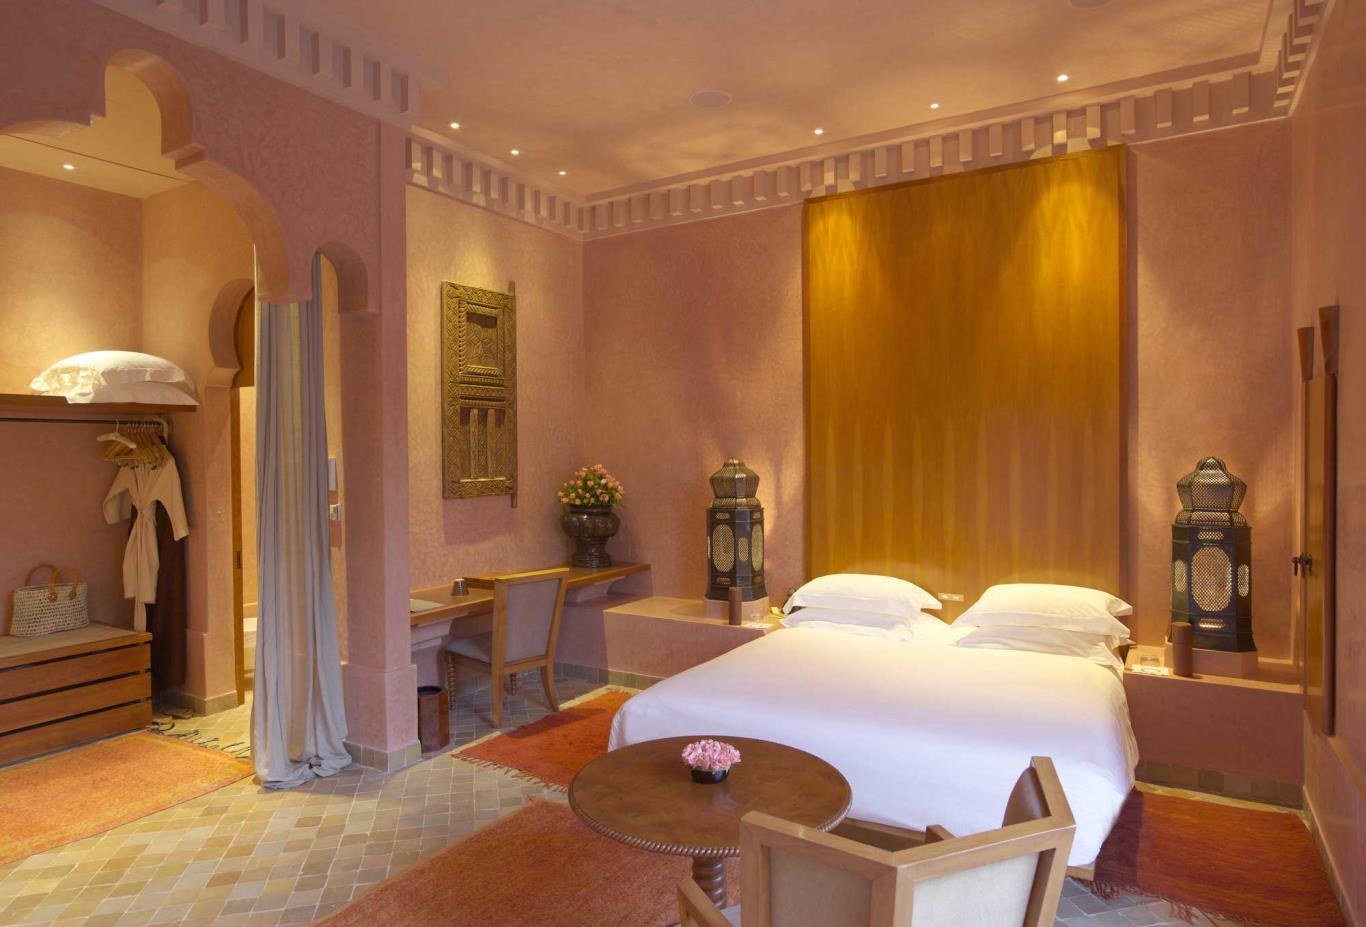 Maison-Guest-Bedroom